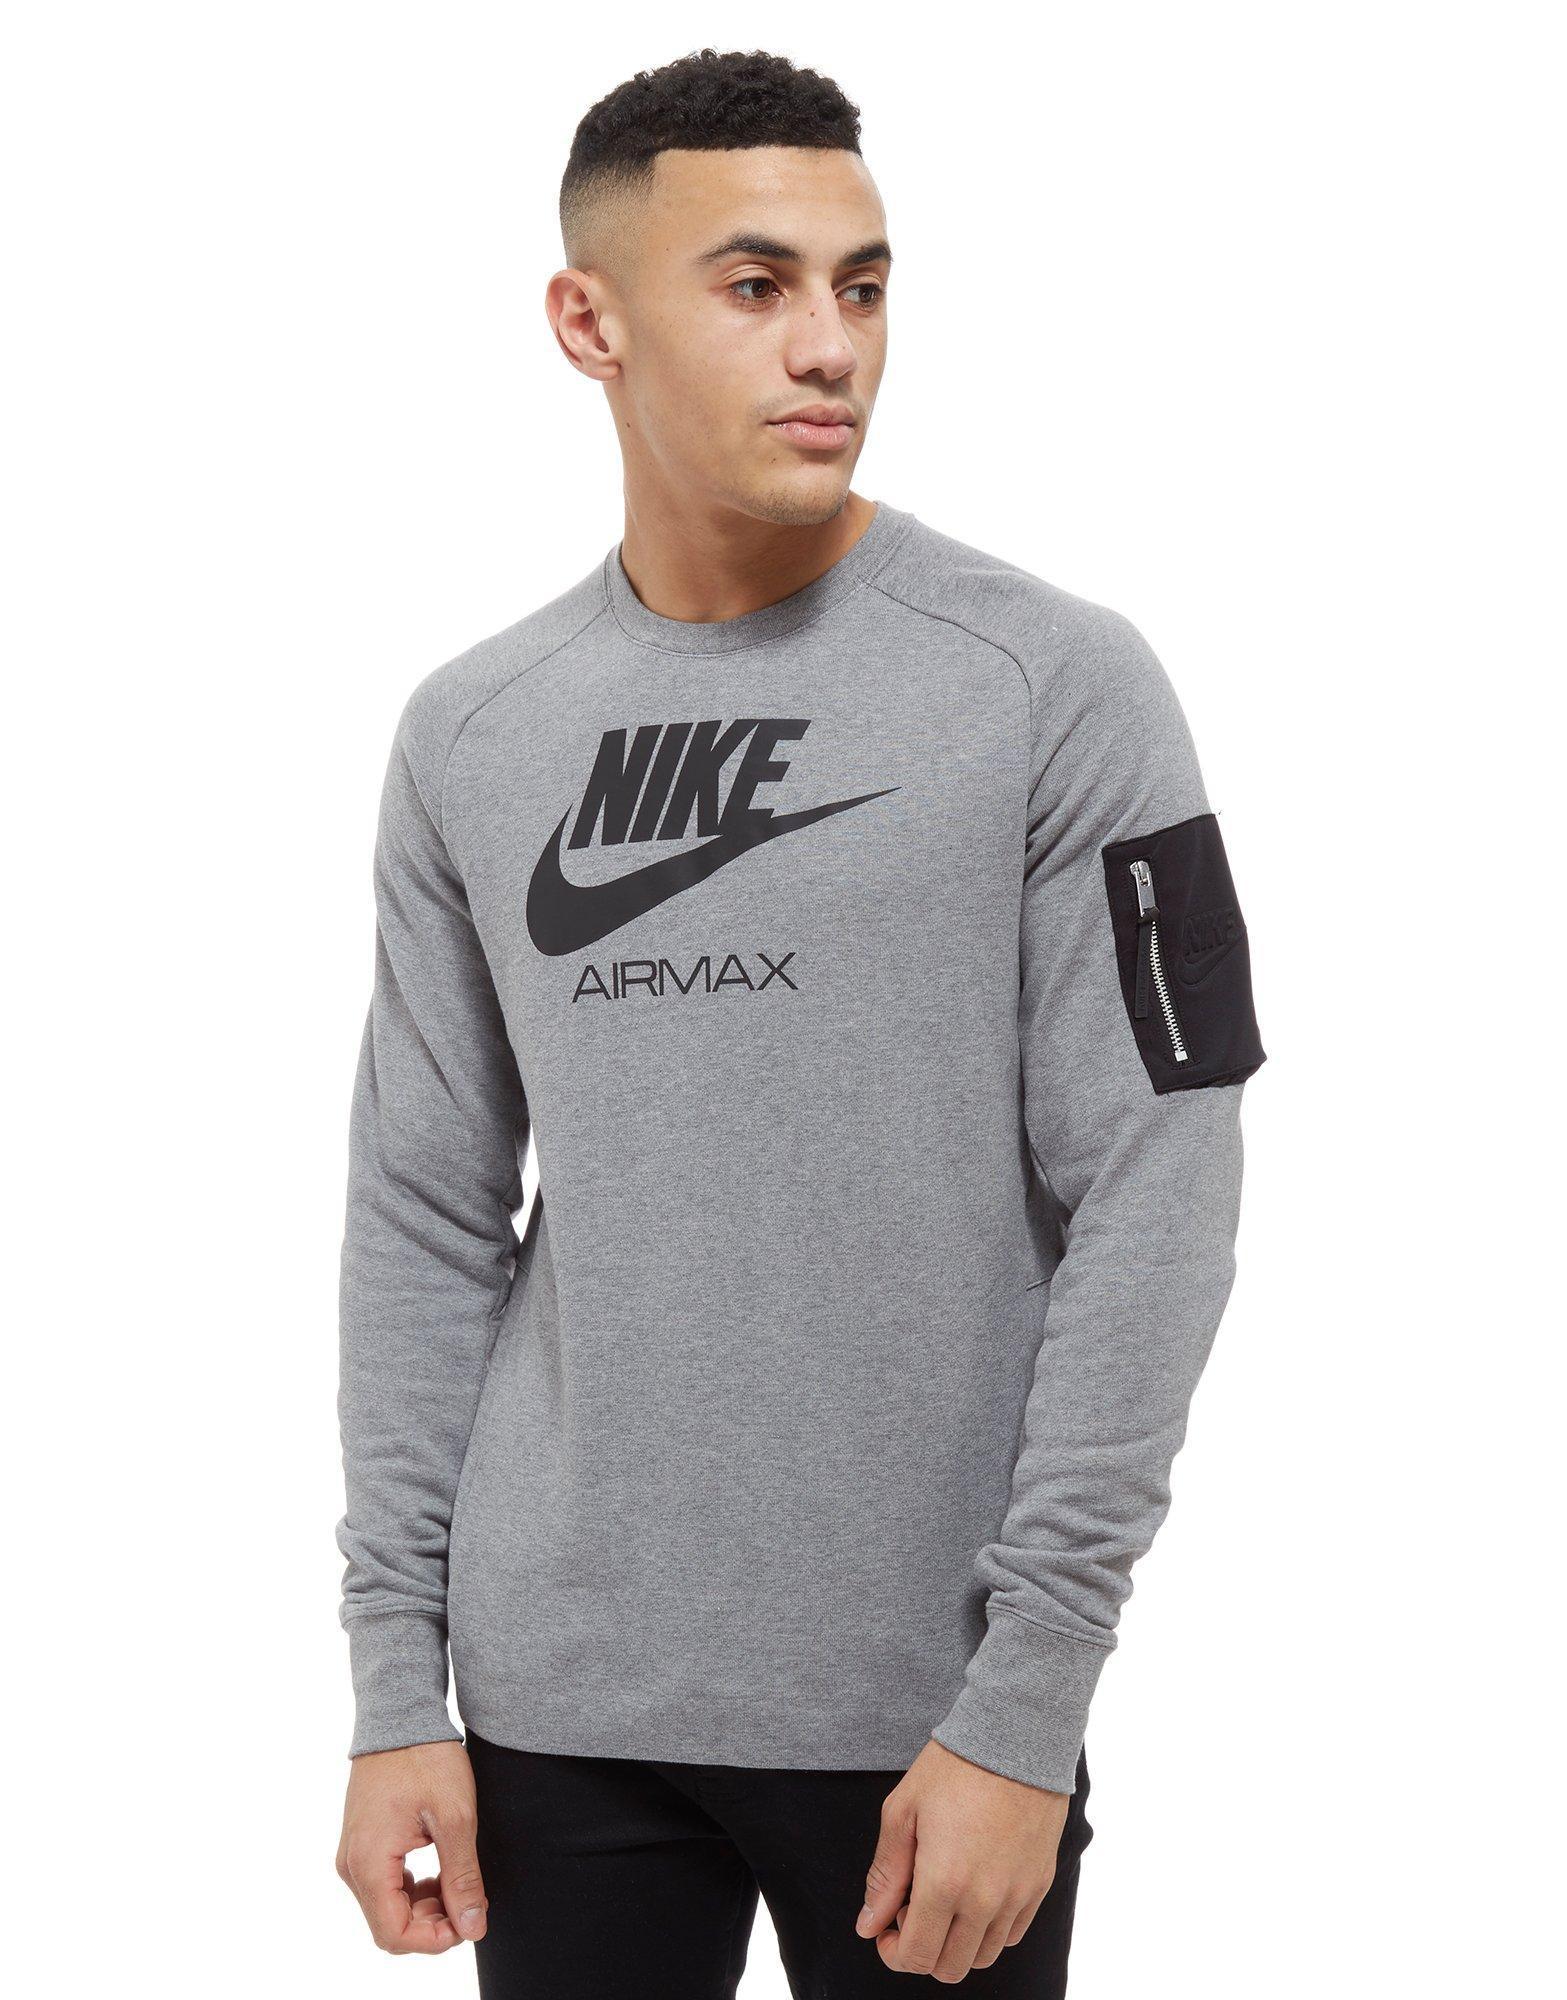 Nike. Men's Gray Air Max Ft Crew Sweatshirt